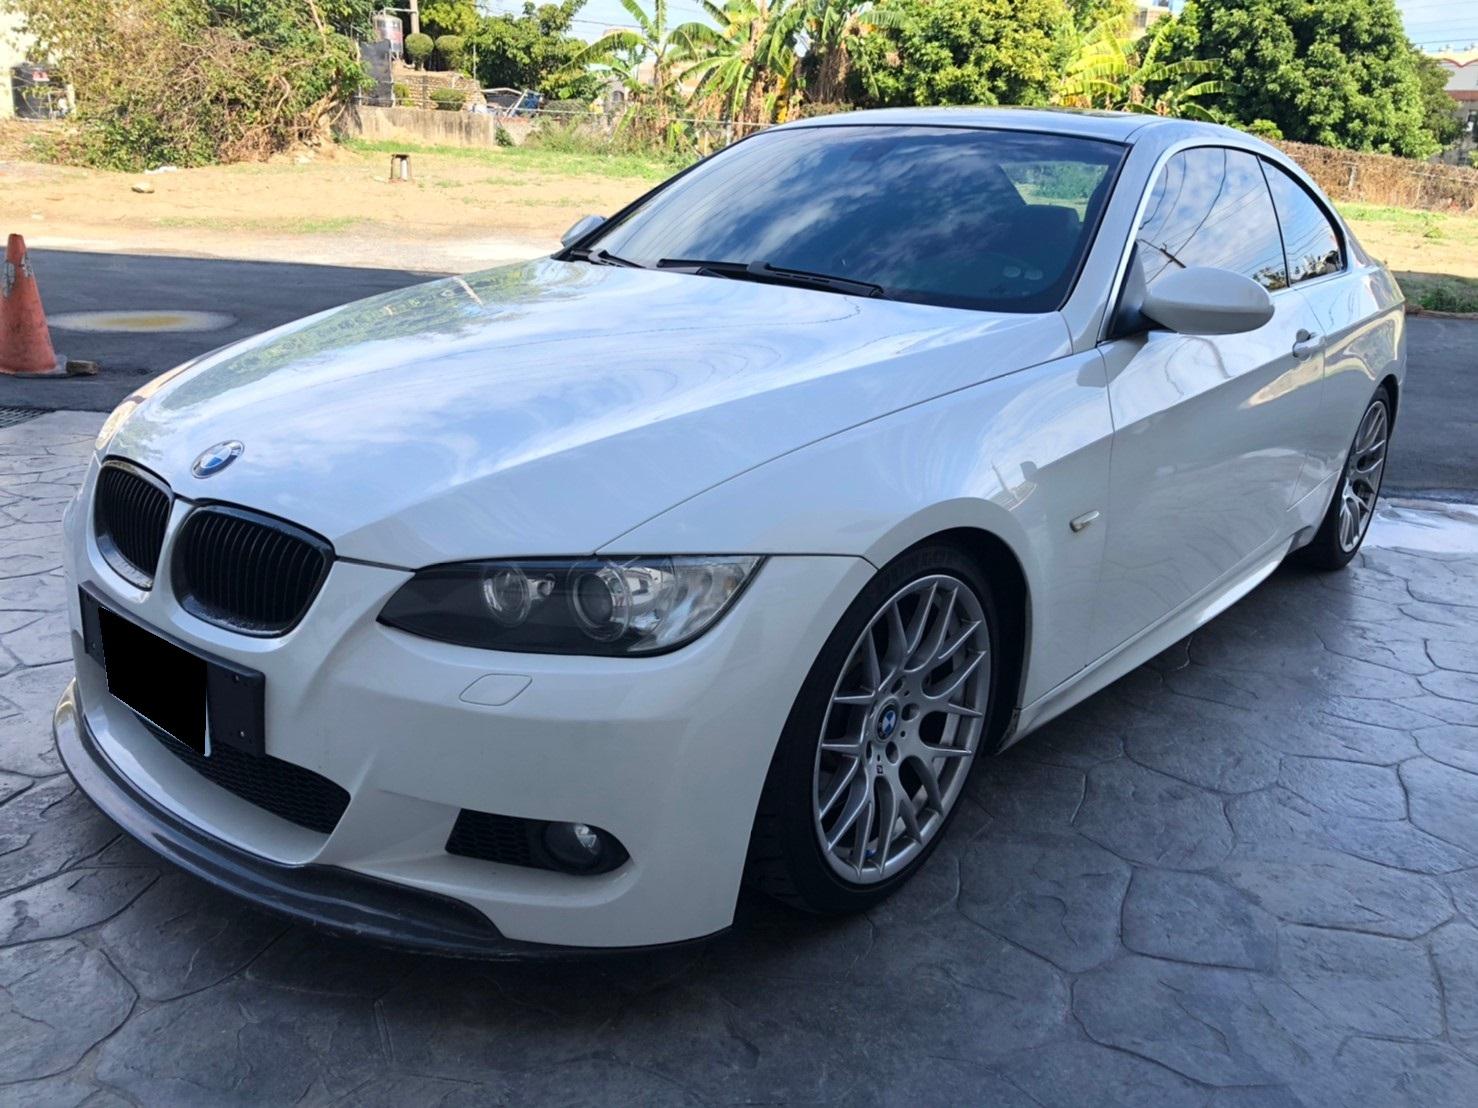 2008 BMW 寶馬 3-series sedan